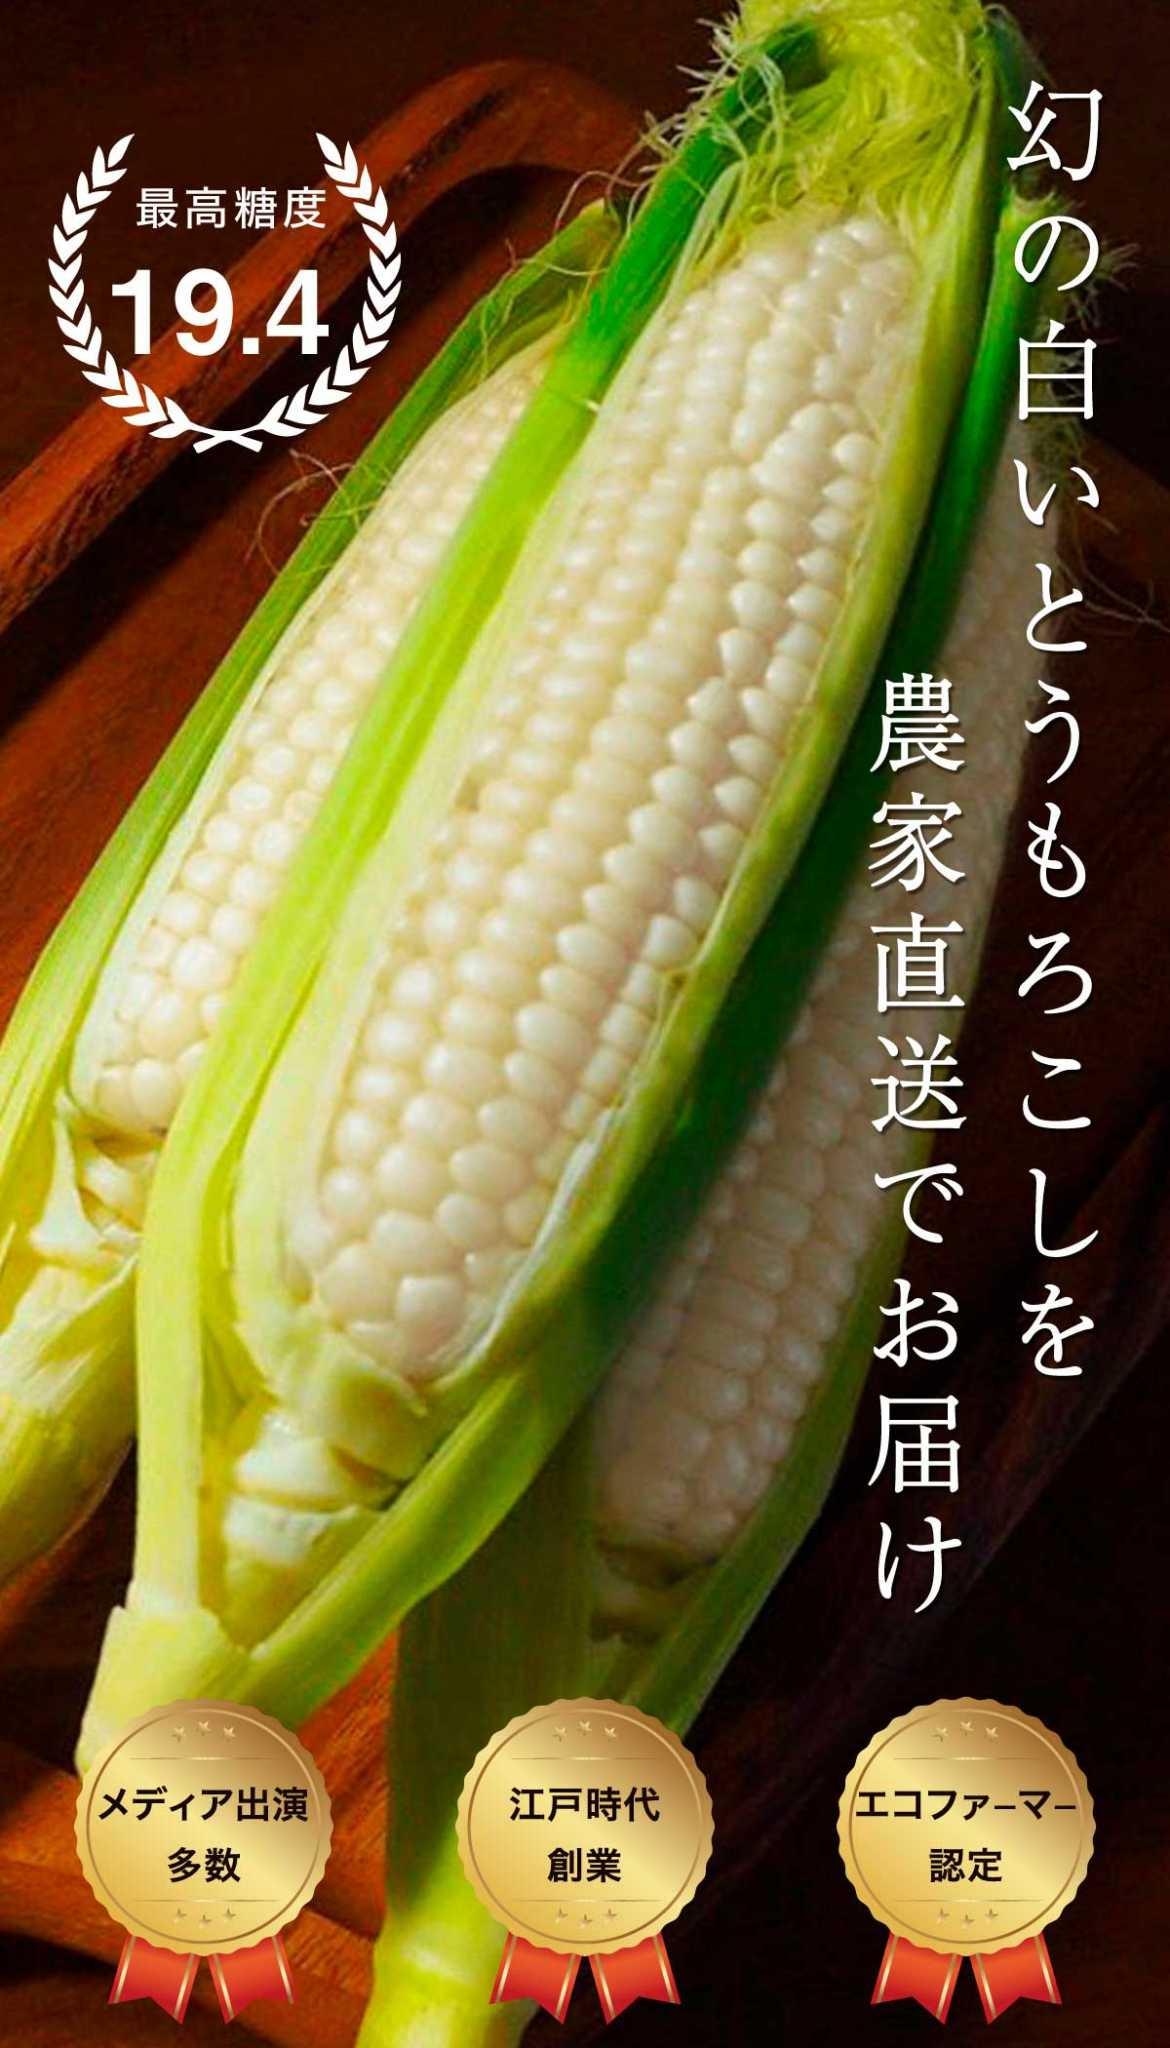 白い国産とうもろこし「ピュアホワイト」を千葉県から産直通販でお届け